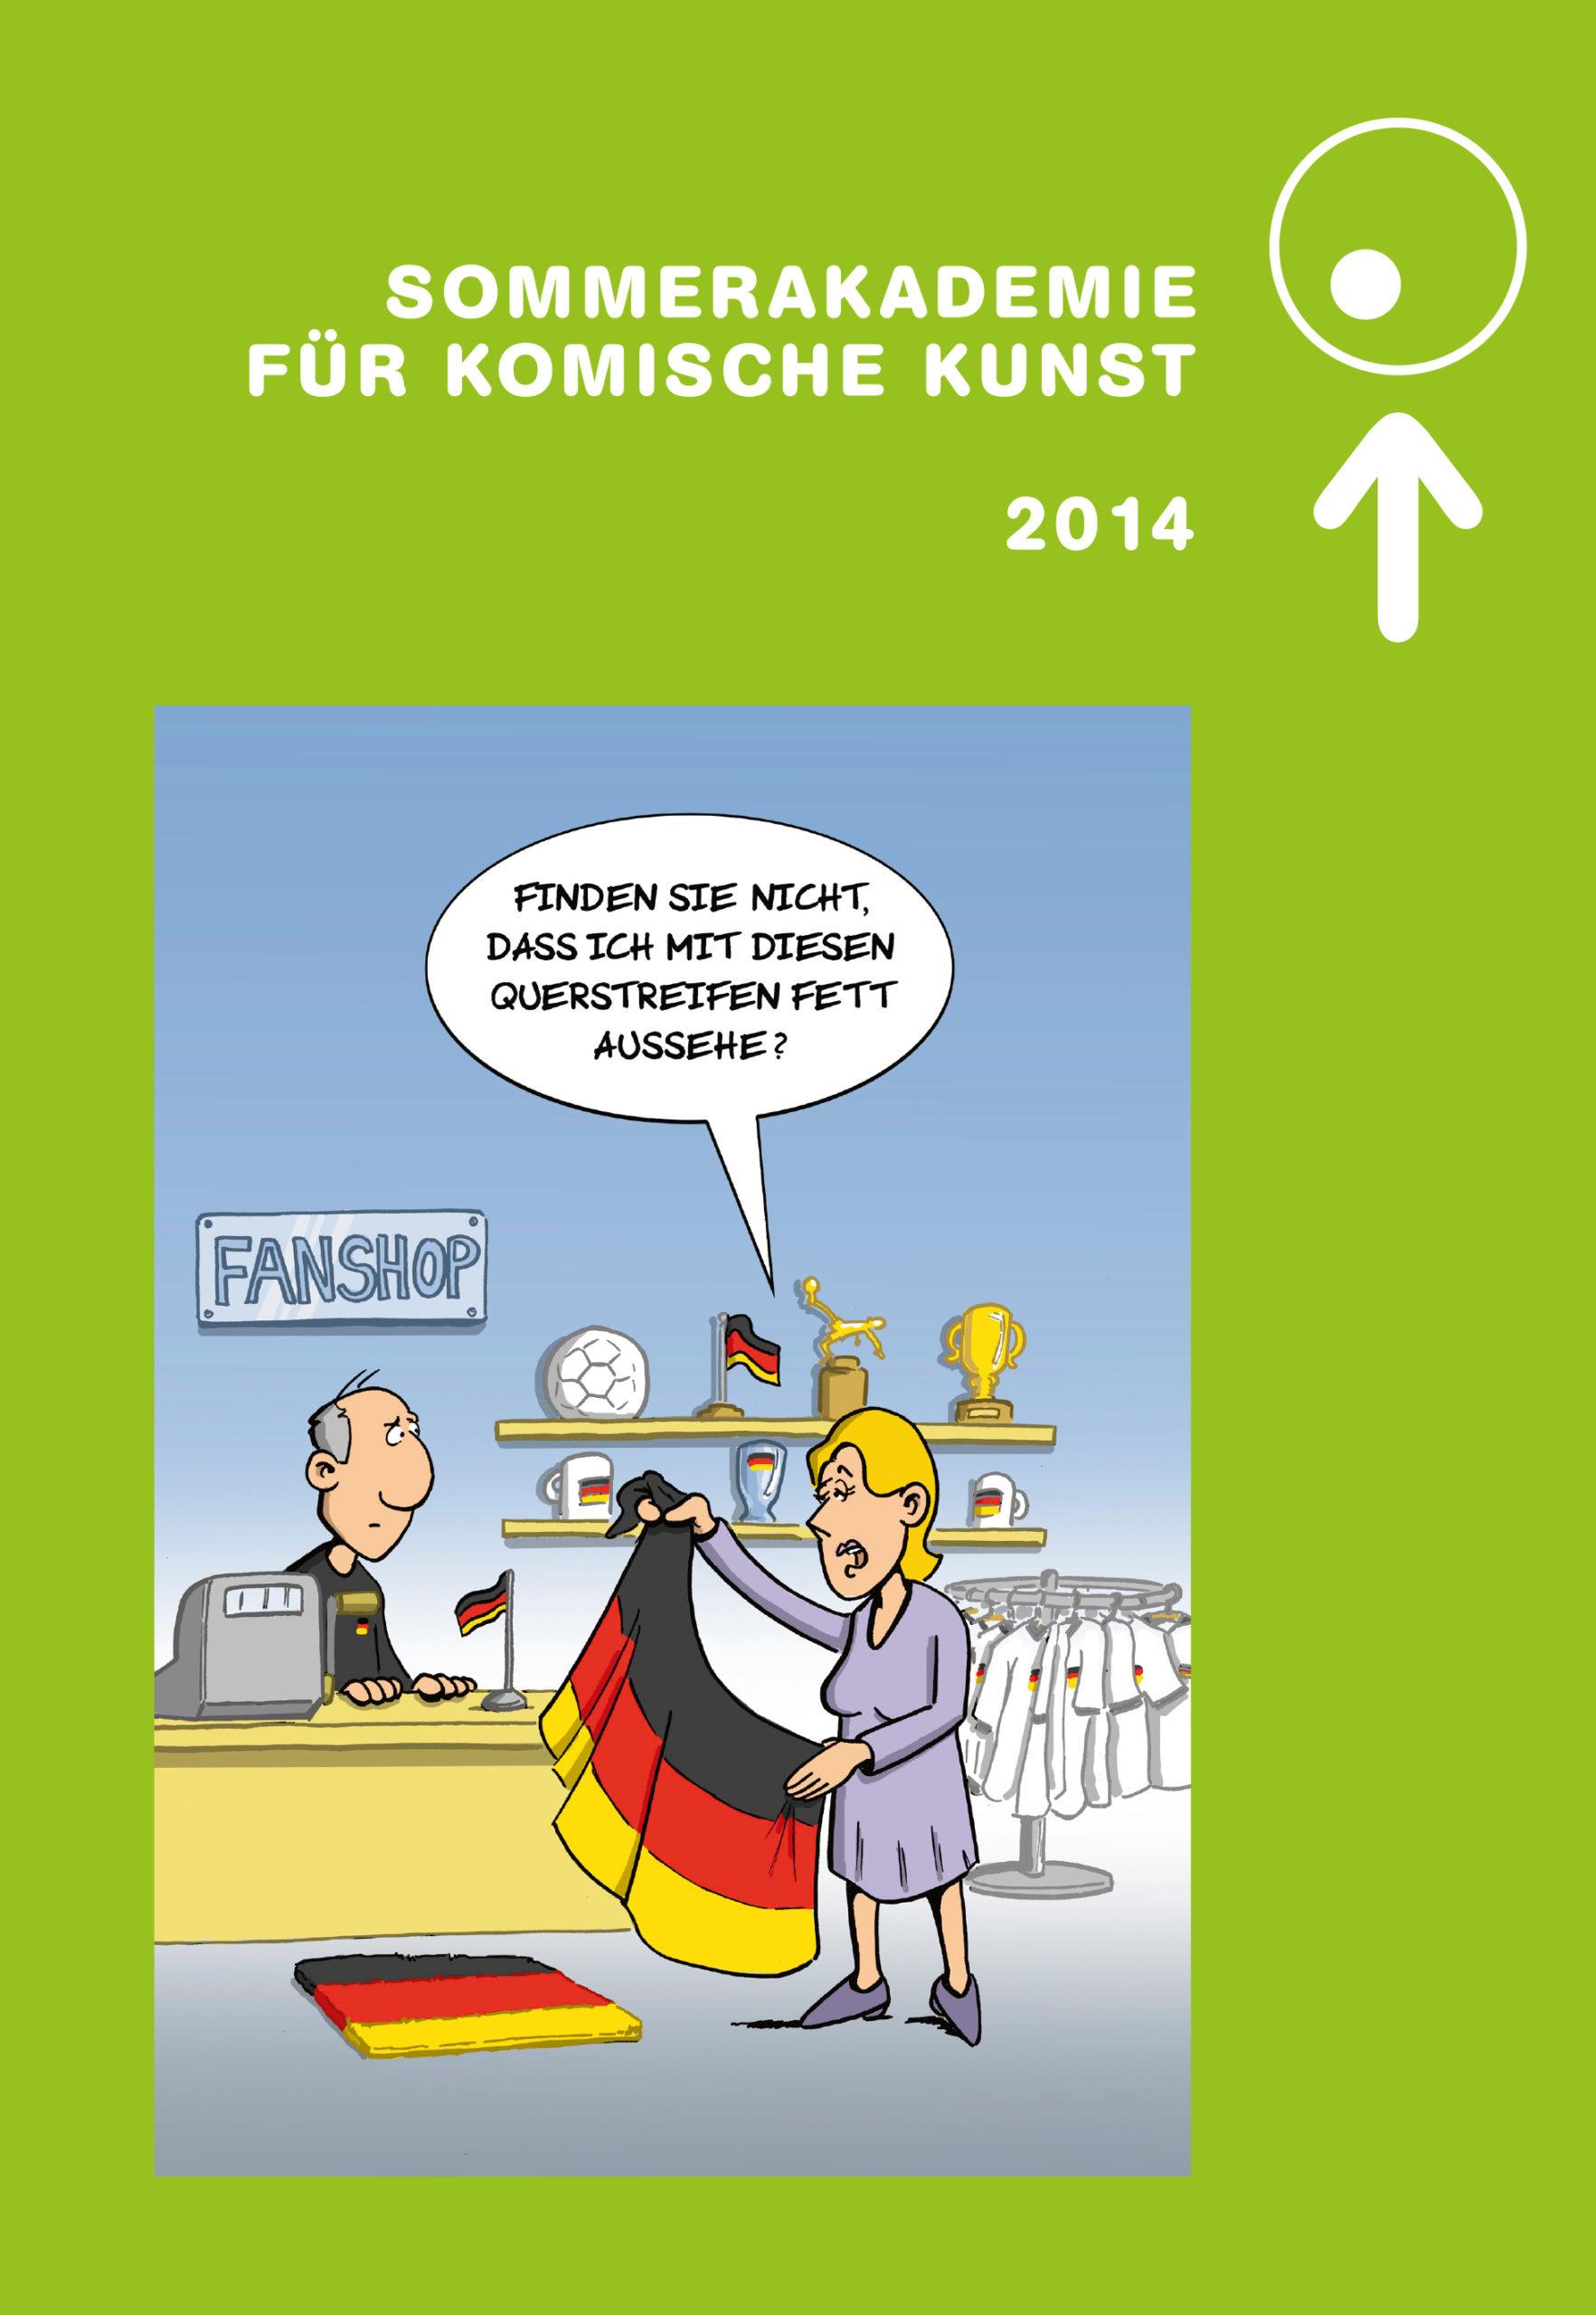 Katalog zur Sommerakademie für Komische Kunst 2014